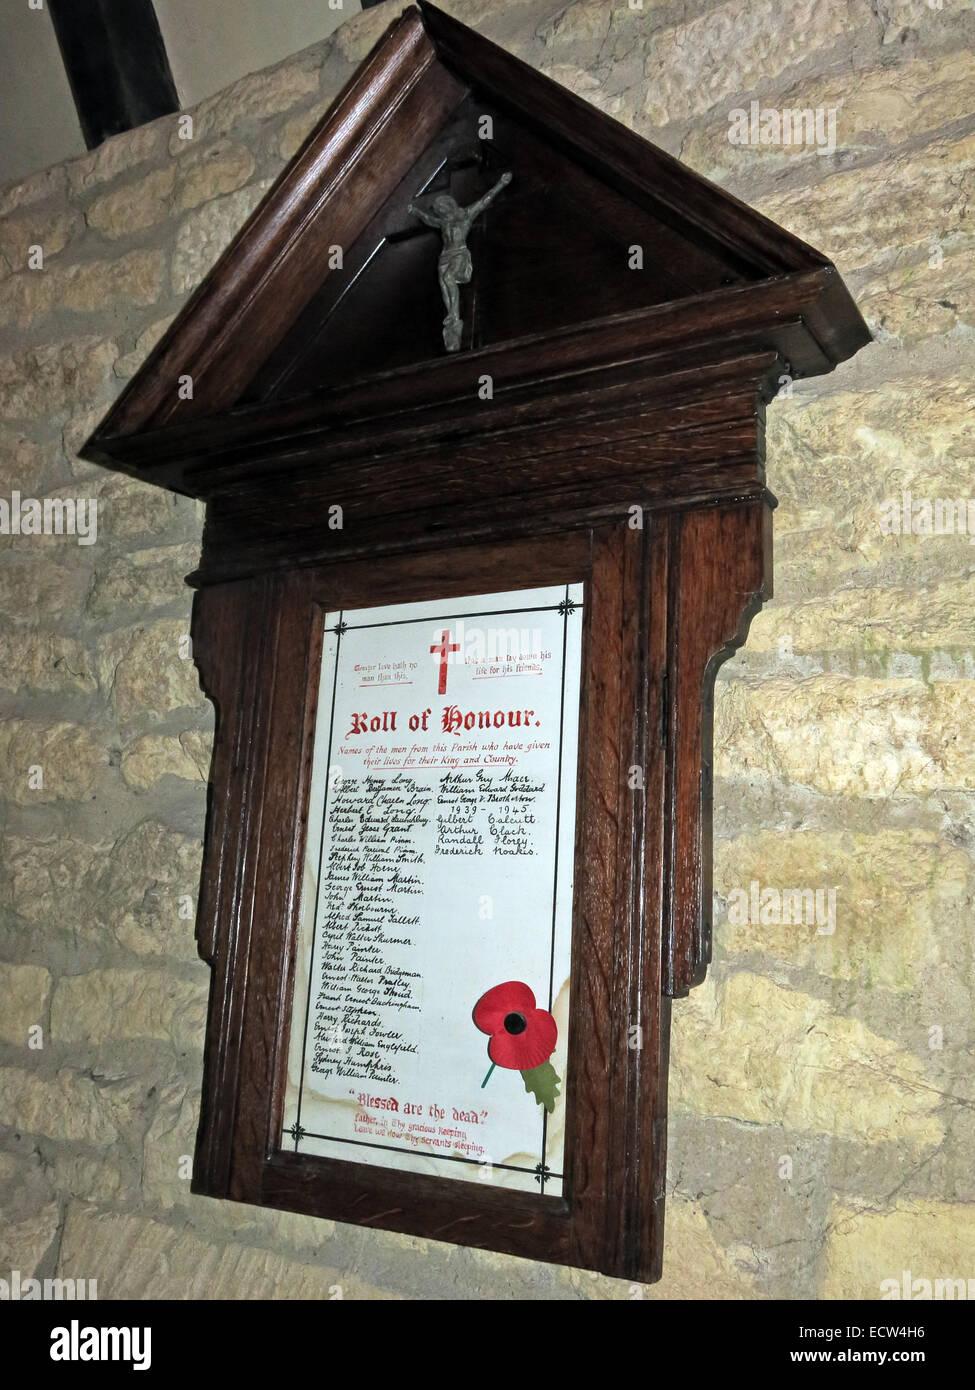 Laden Sie dieses Alamy Stockfoto Holy Trinity Kirche Woodgreen Witney Plaque von Erinnerung, West Oxfordshire, England, UK - ECW4H6